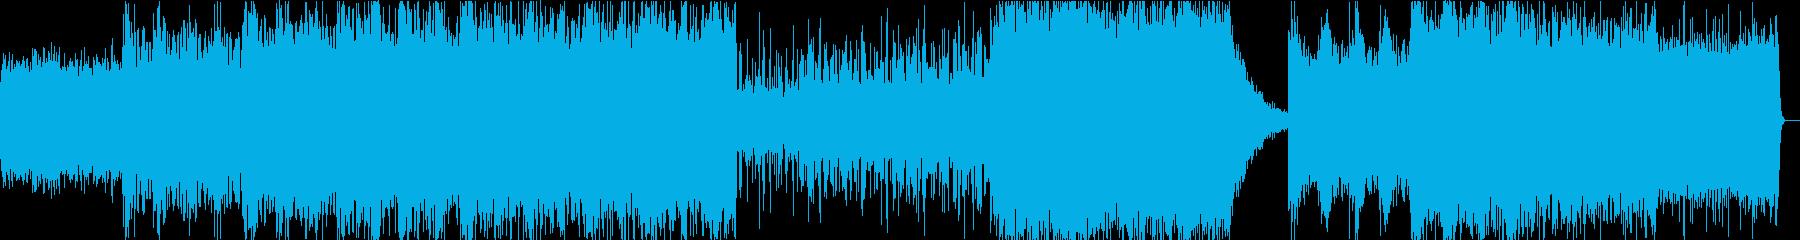 星の一生をイメージしたBGMの再生済みの波形